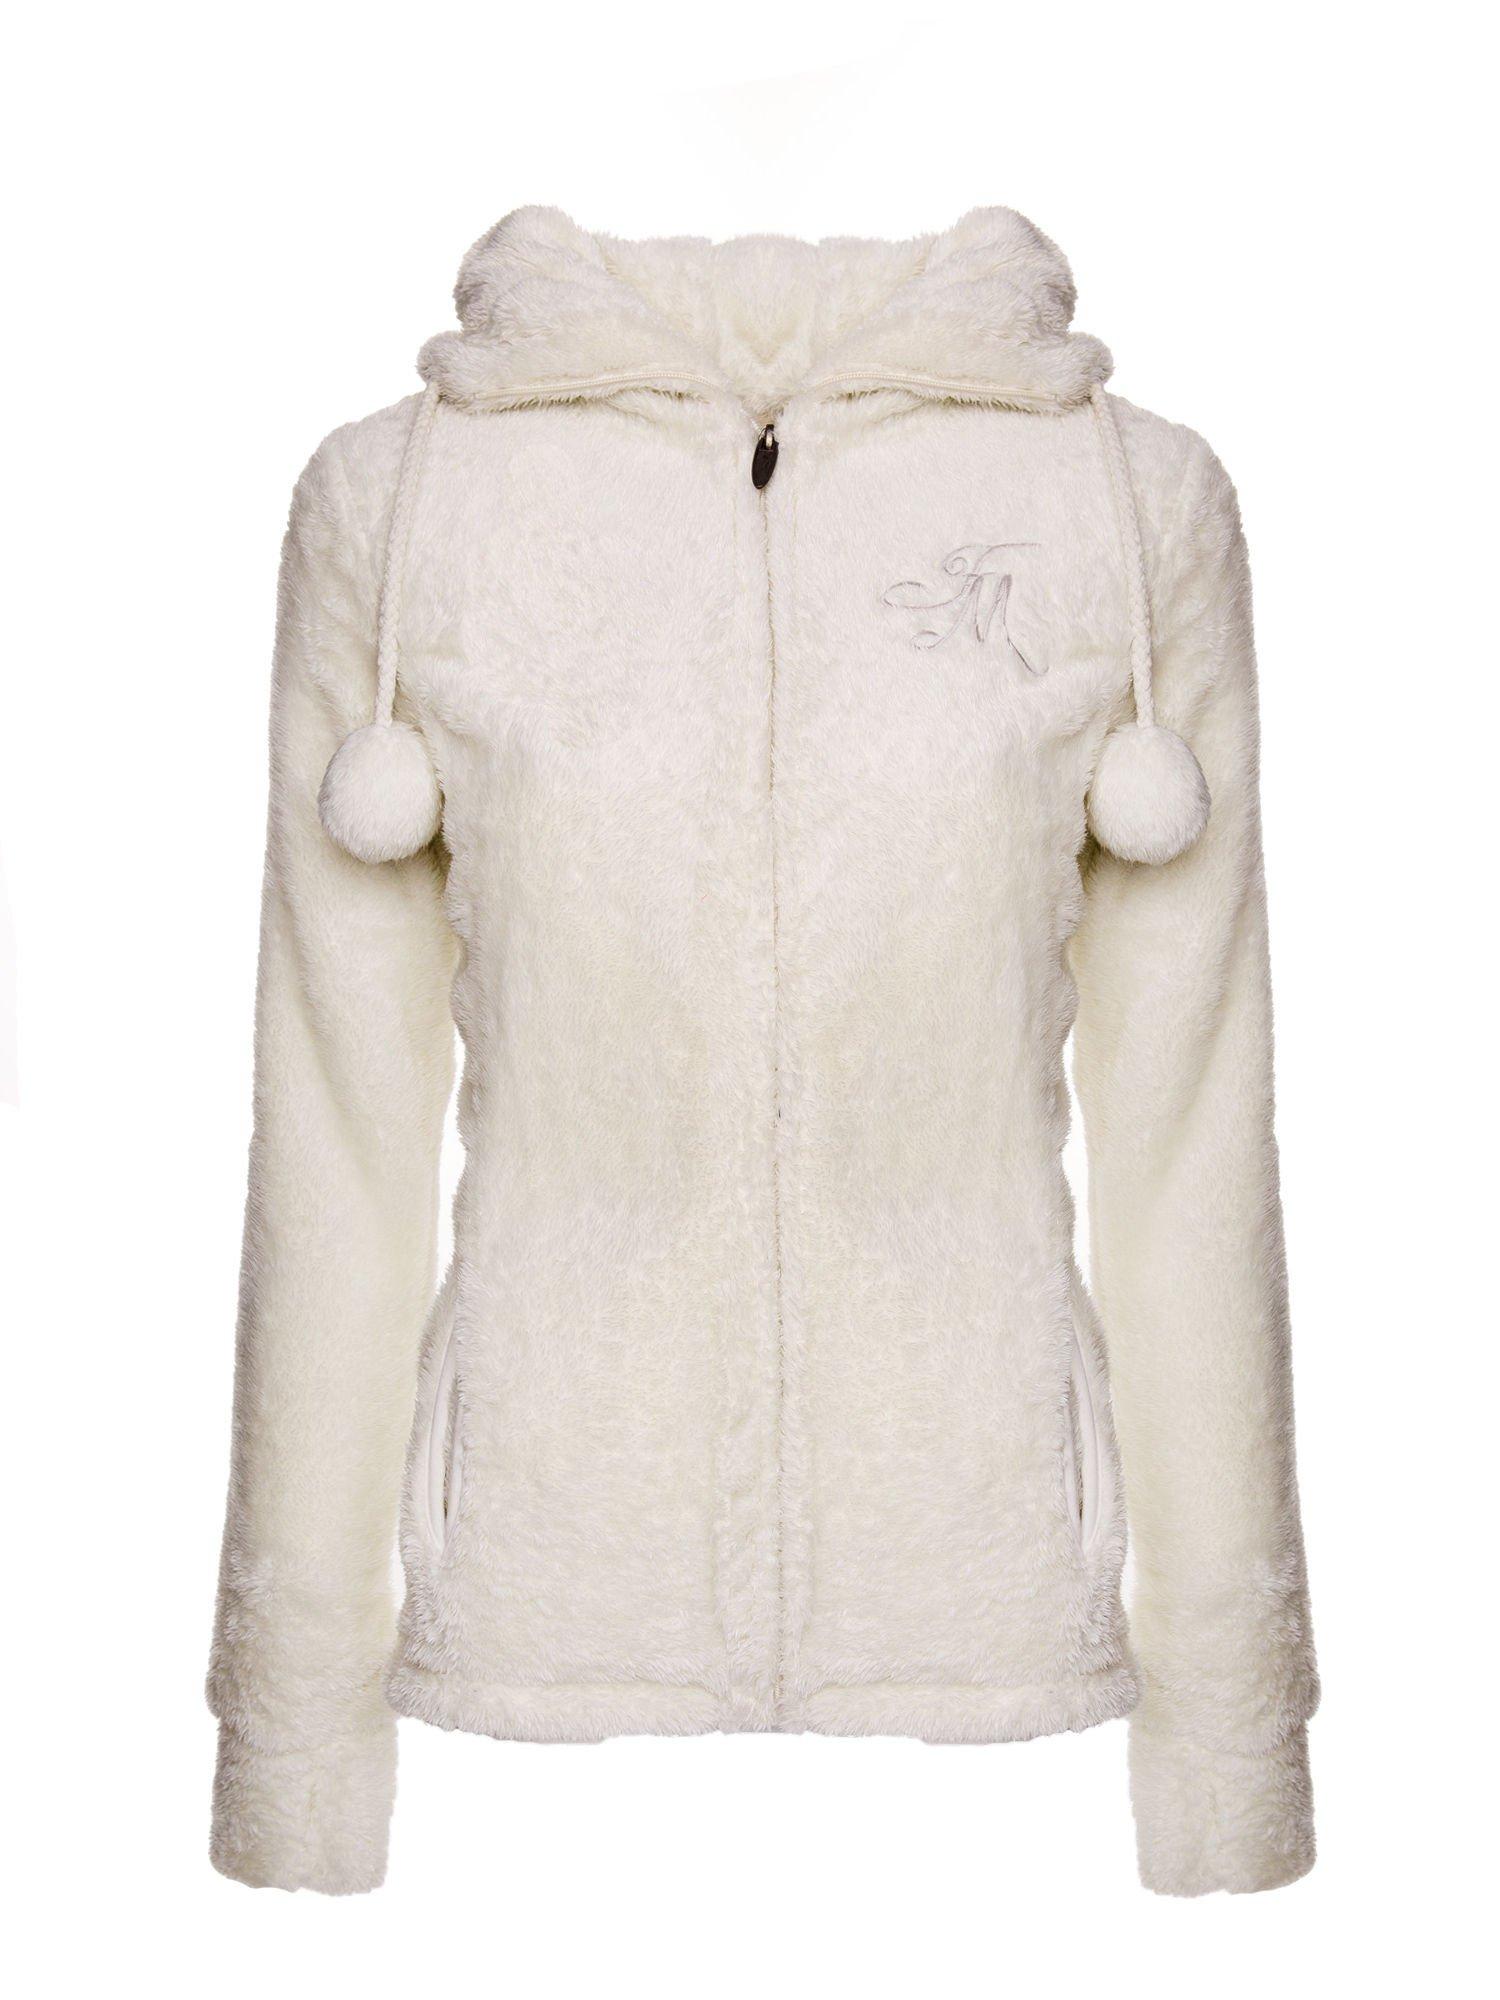 Biała bluza polarowa z kapturem z pomponikami                                  zdj.                                  1